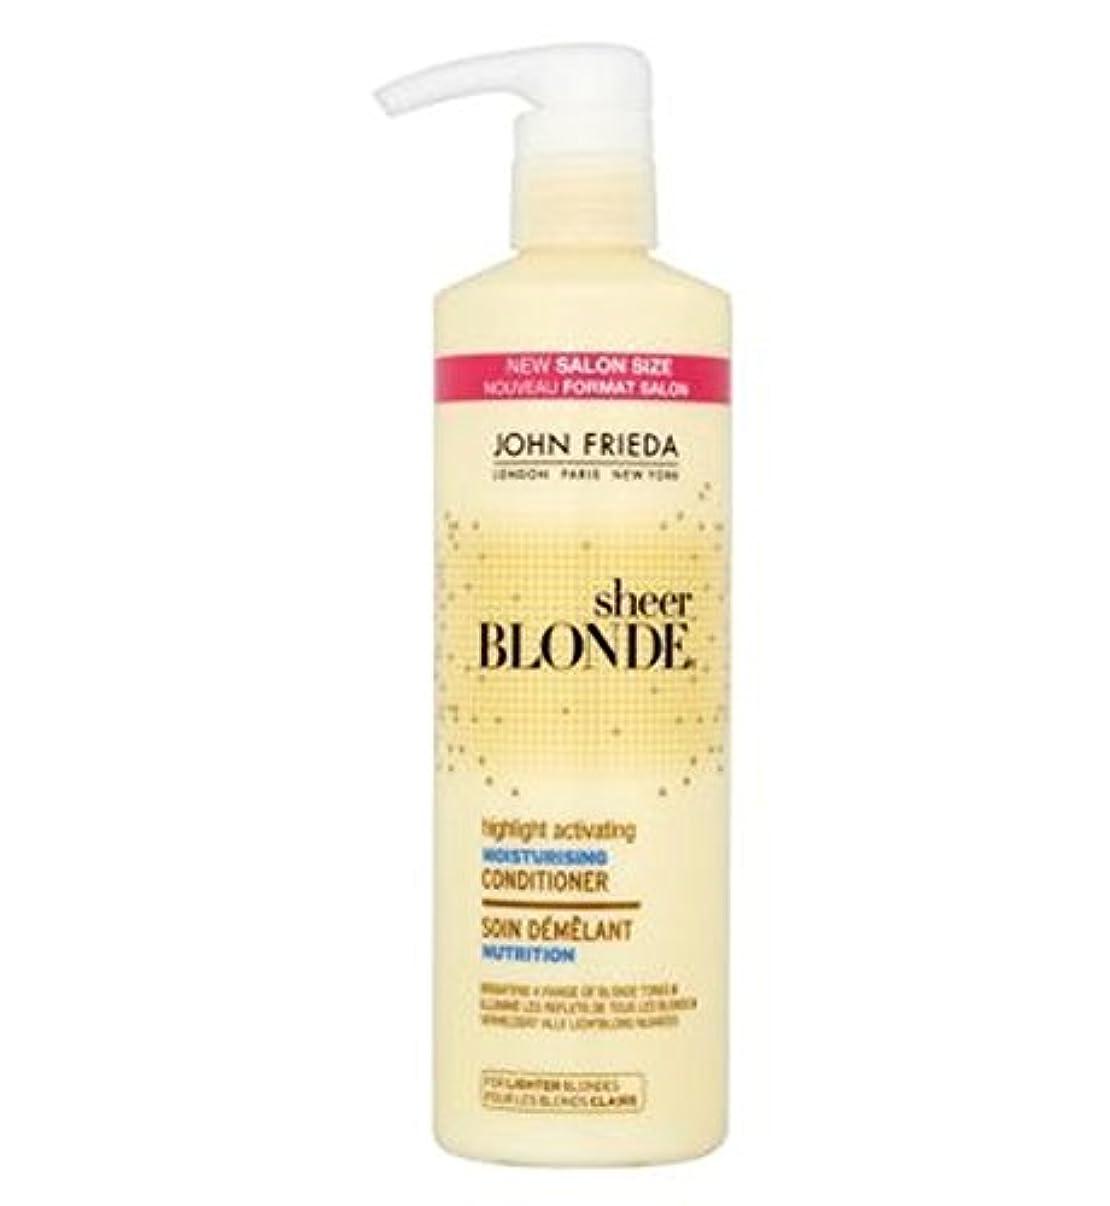 他の日剥離不可能なジョン?フリーダ薄手のブロンドのハイライト活性化保湿コンディショナー500ミリリットル (John Frieda) (x2) - John Frieda Sheer Blonde Highlight Activating Moisturising Conditioner 500ml (Pack of 2) [並行輸入品]